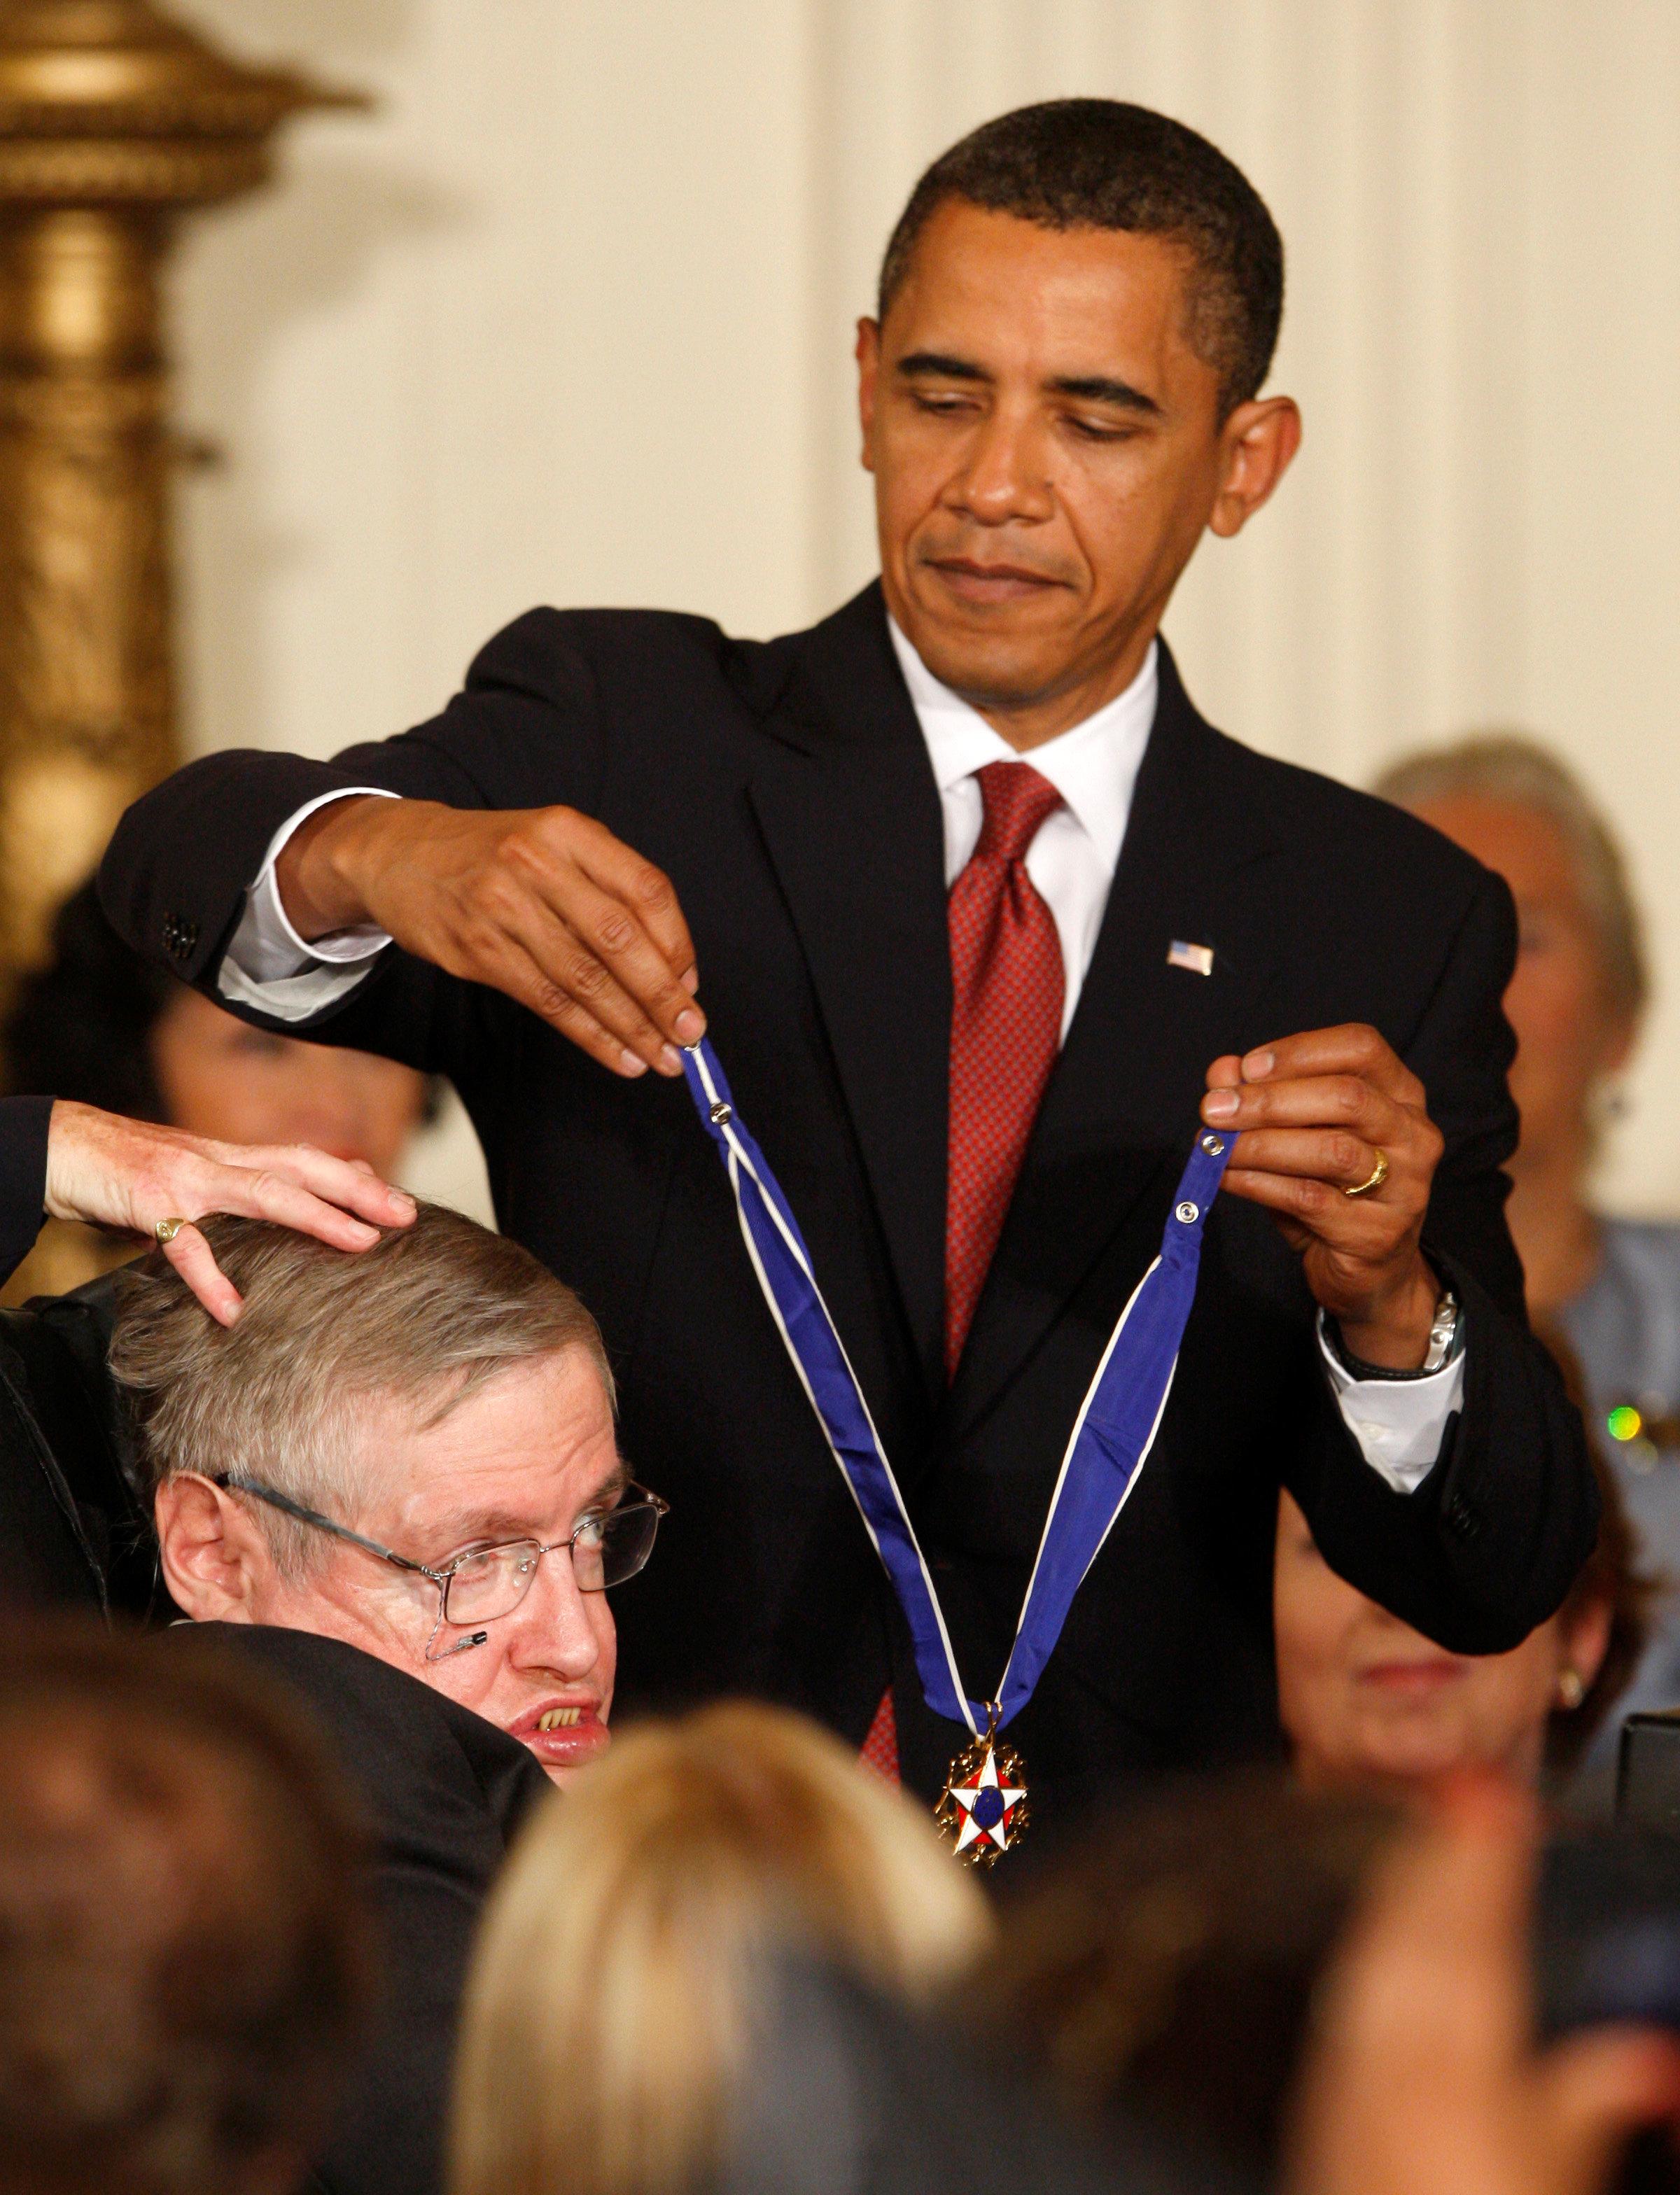 Recibiendo la Medalla de la Libertad de las manos del presidente Obama en 2009 (REUTERS/Jason Reed/archivo)